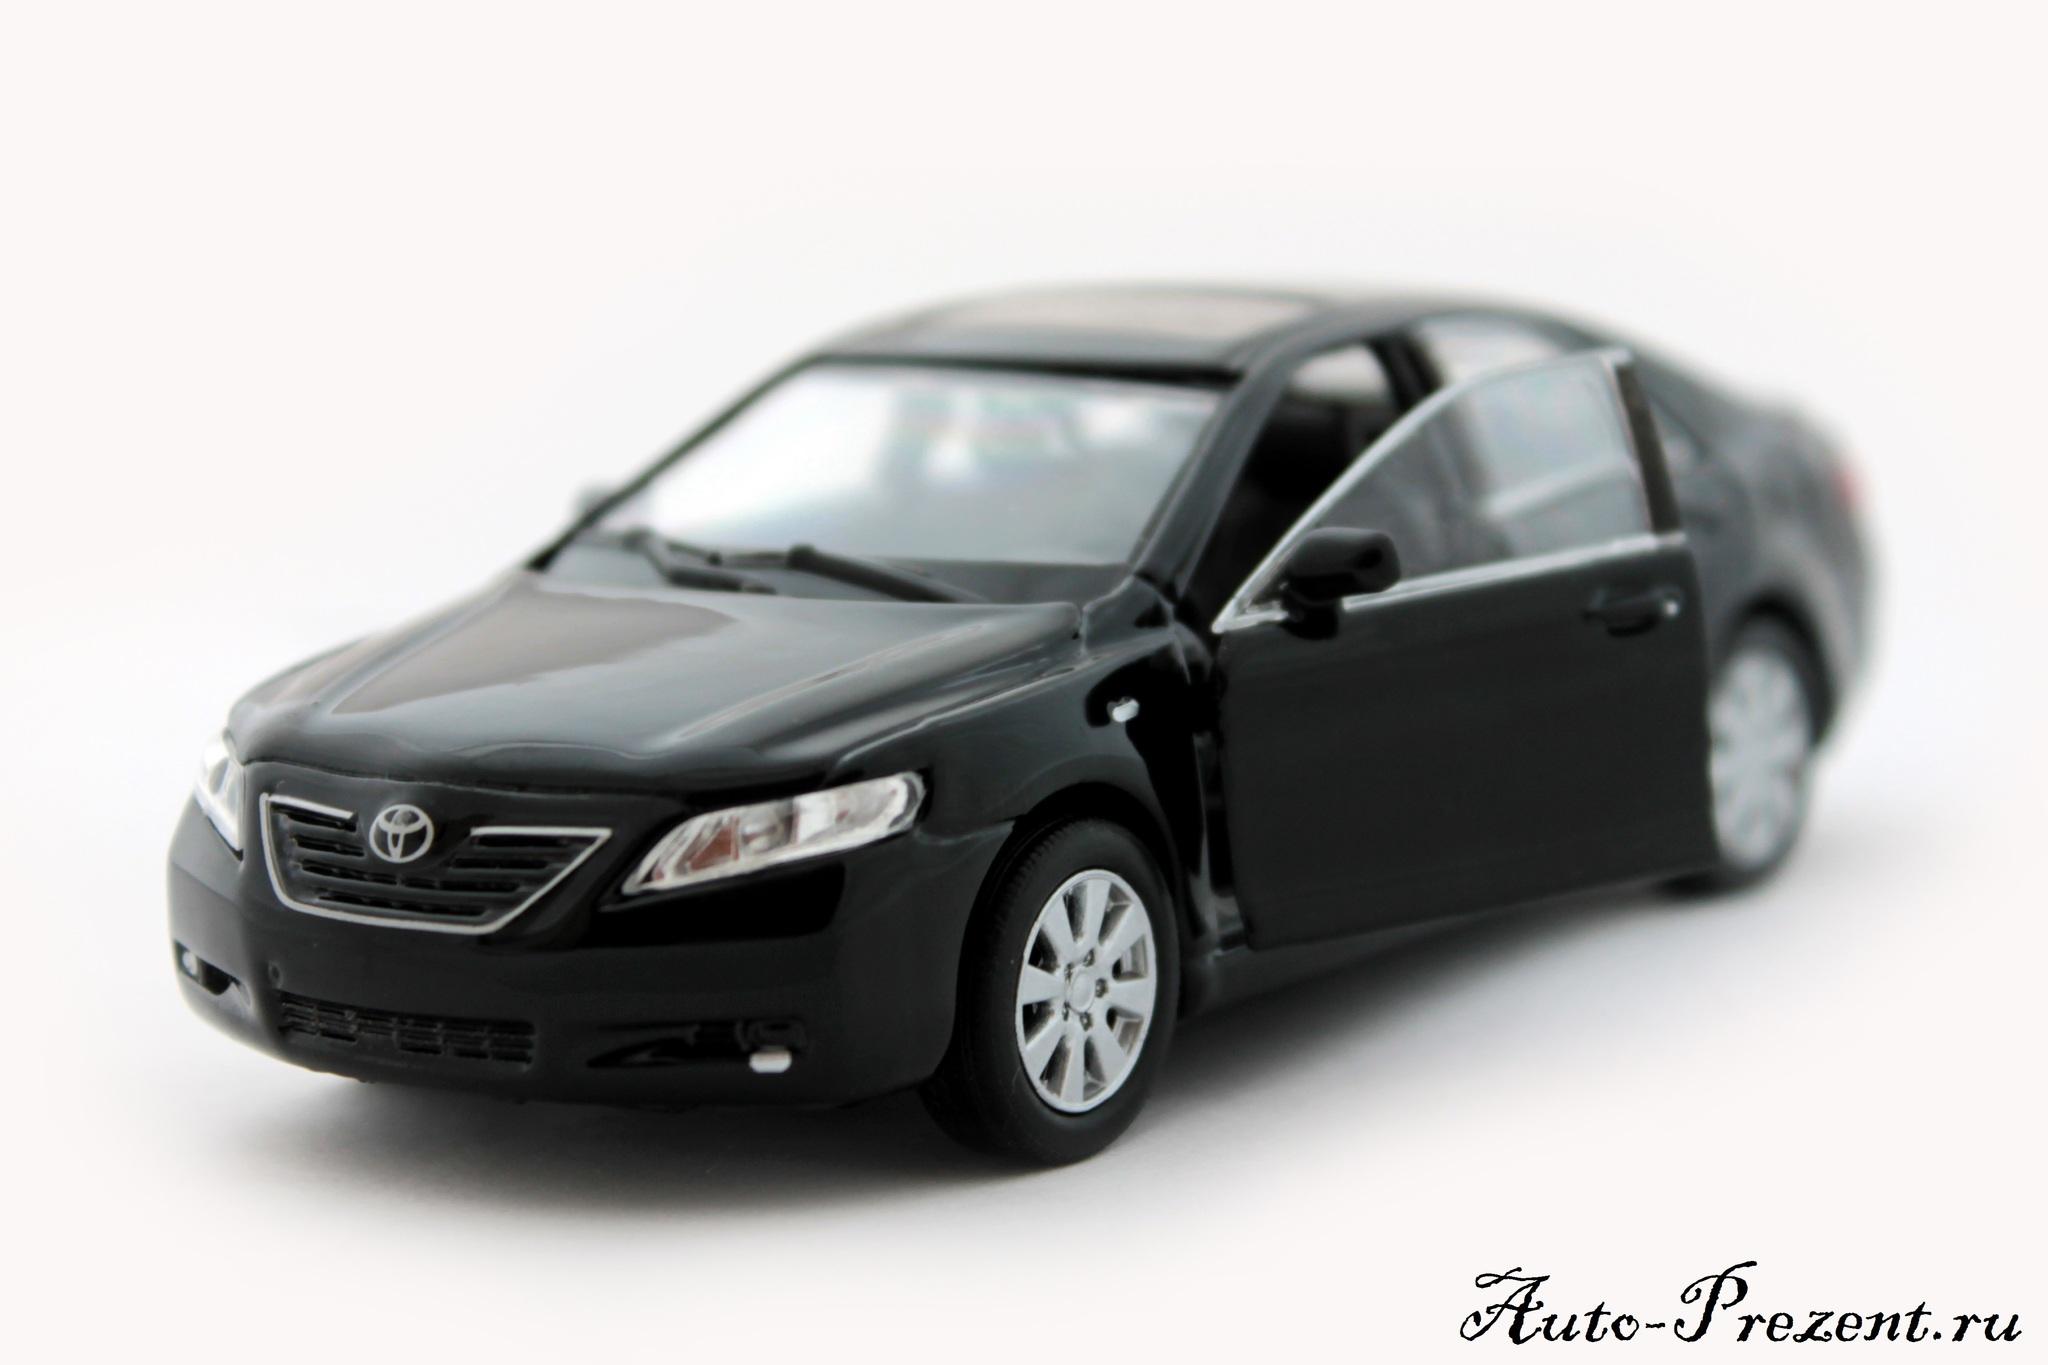 Машинка-игрушка Toyota Camry